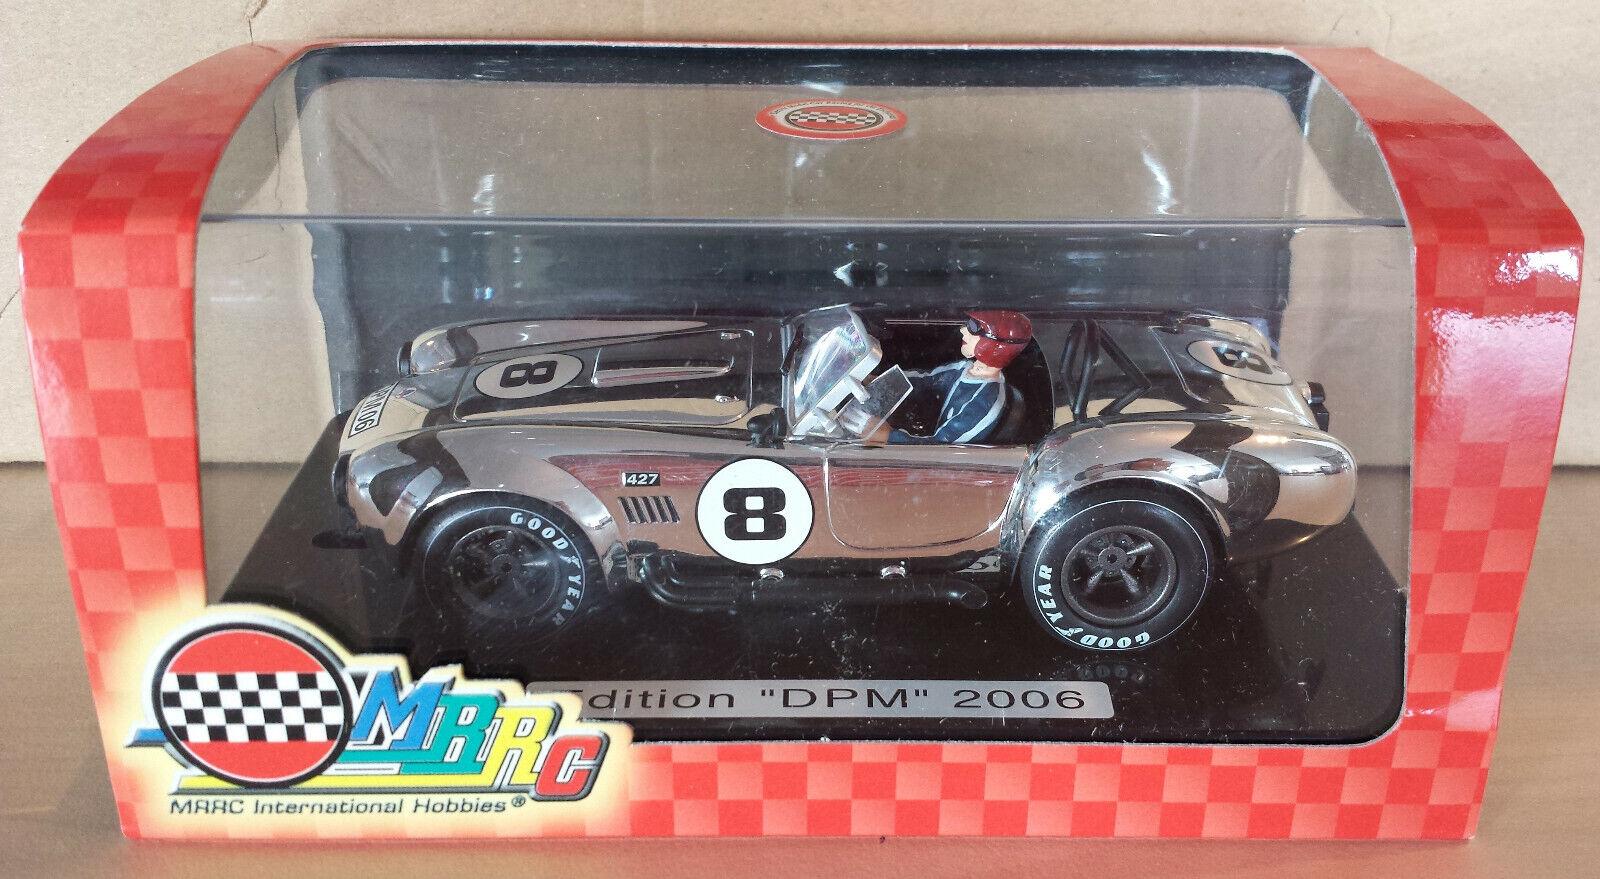 AC Shelby Cobra 427 Voiture Miniature 1 32  MRRC Slot Racing chrome   8  produits créatifs